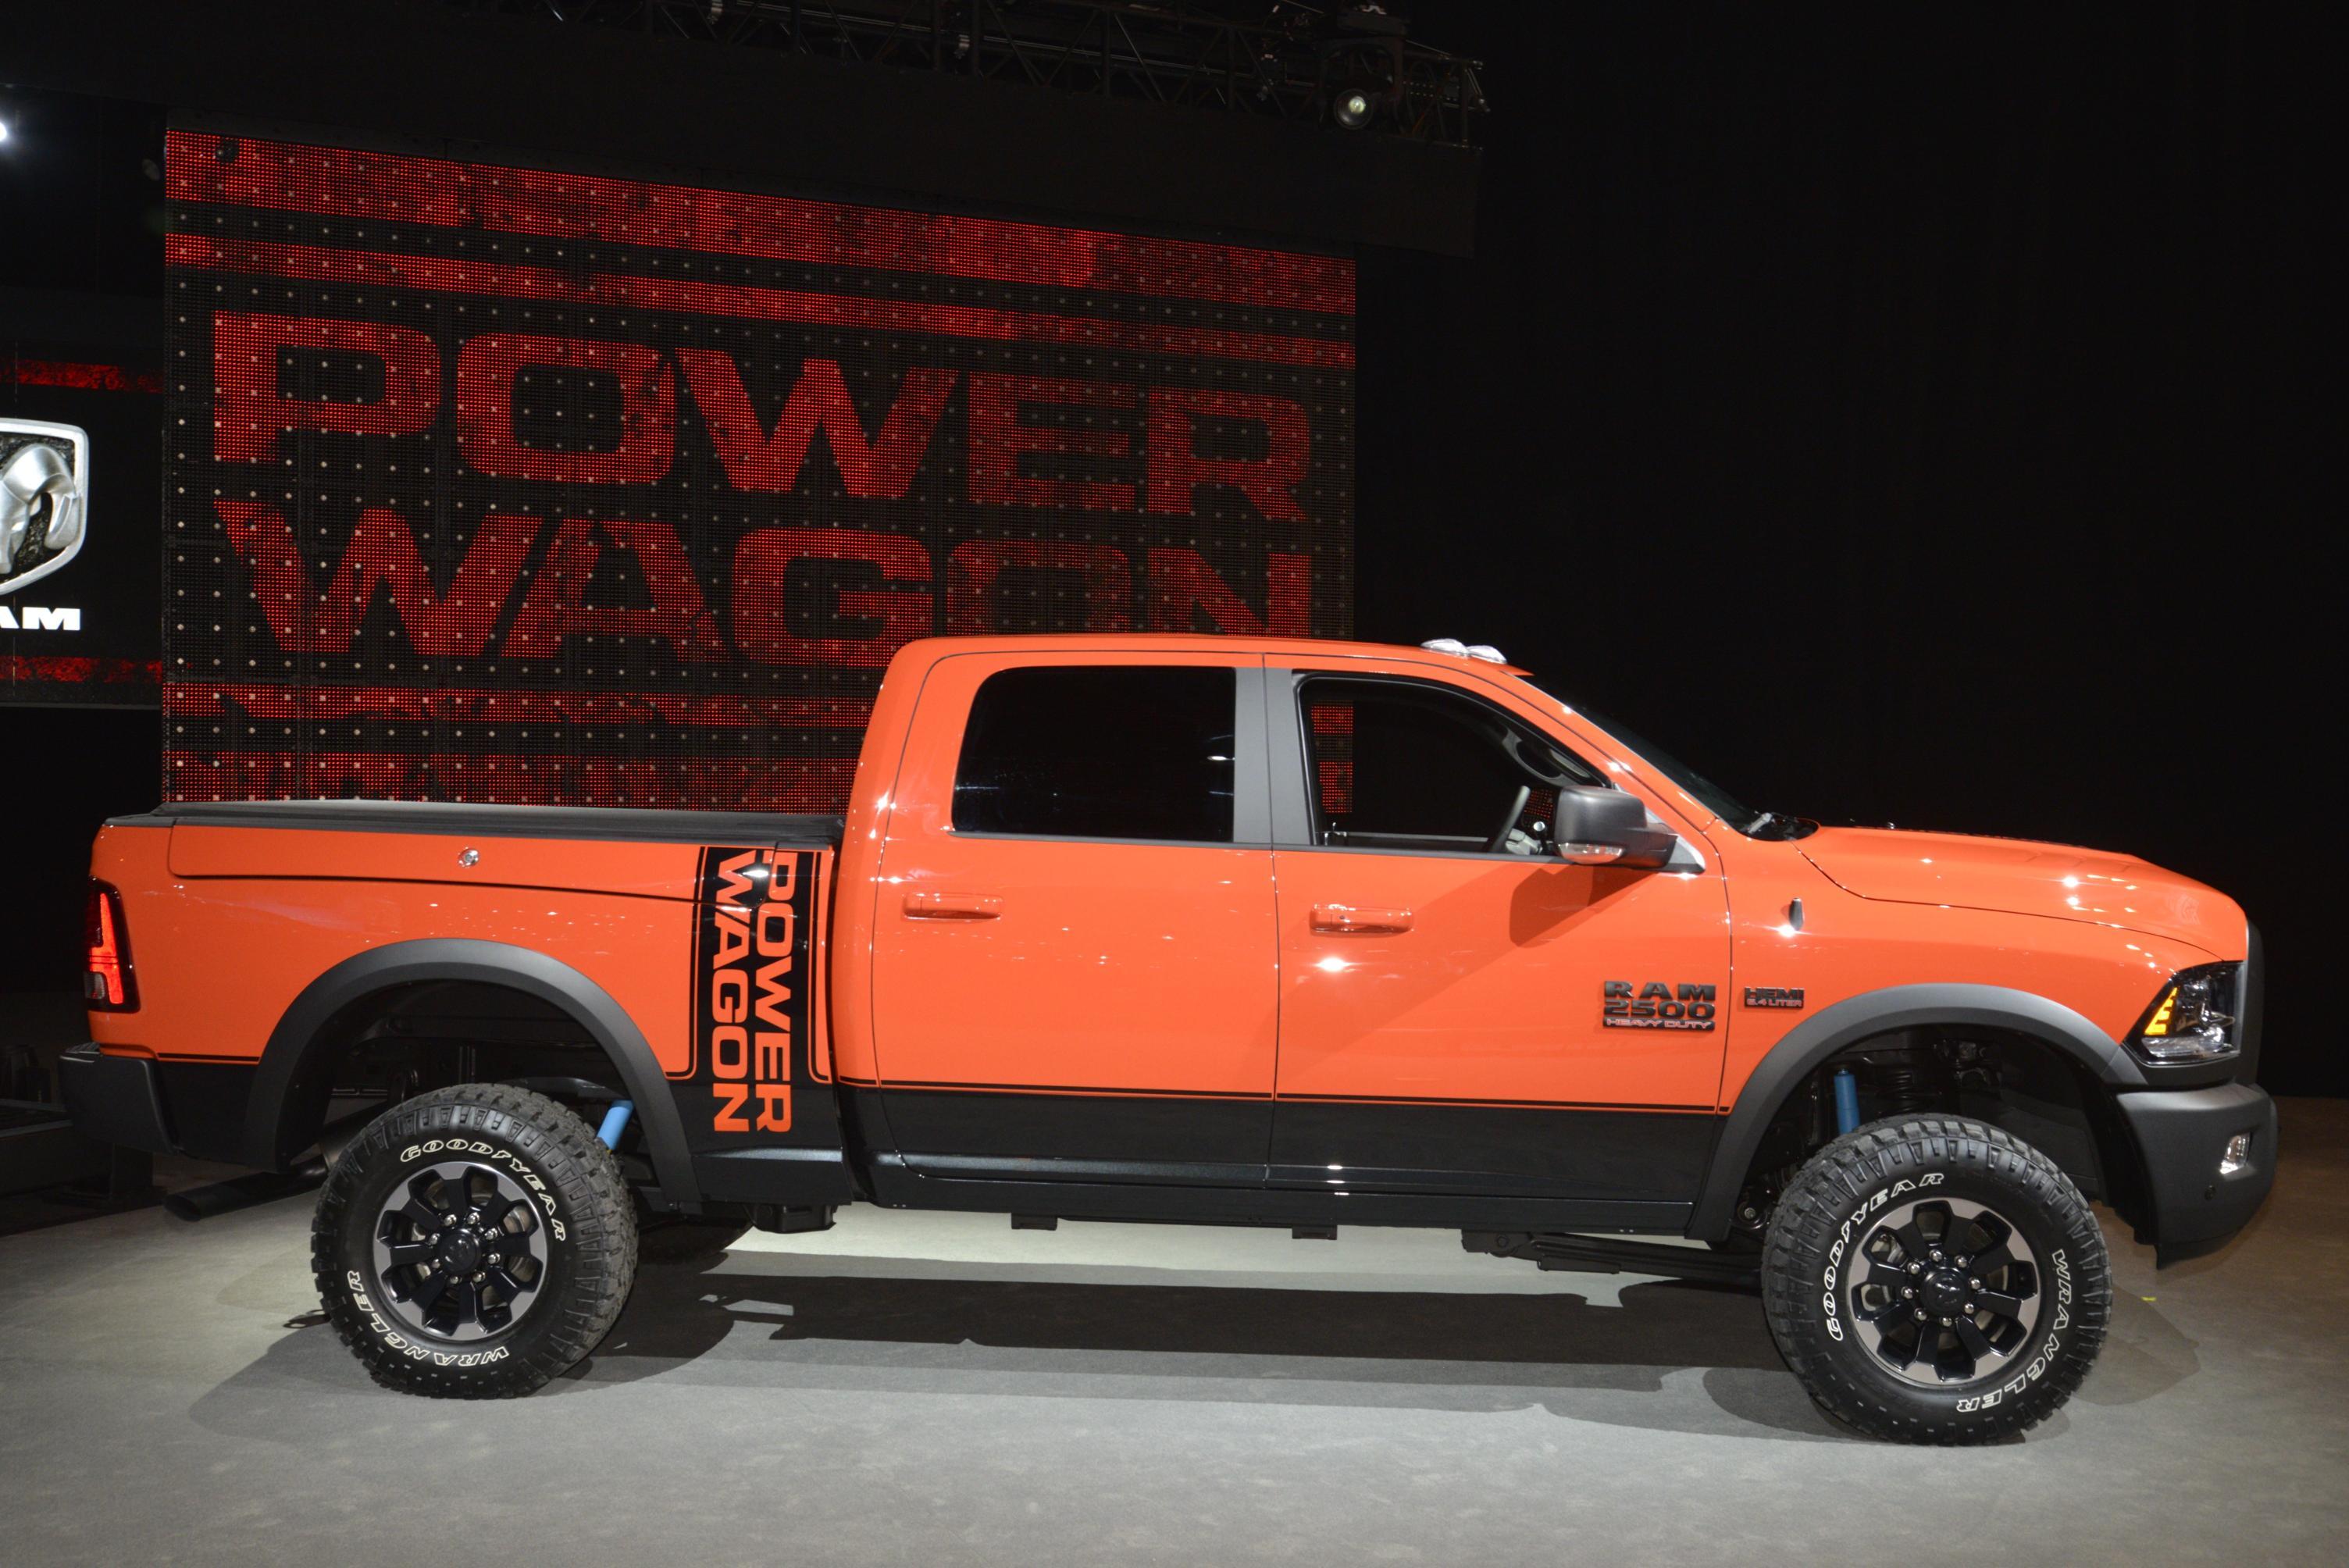 2016 Dodge Trucks >> 2017 Ram 2500 Power Wagon Demos Its Macho Suspension Articulation in Chicago - autoevolution